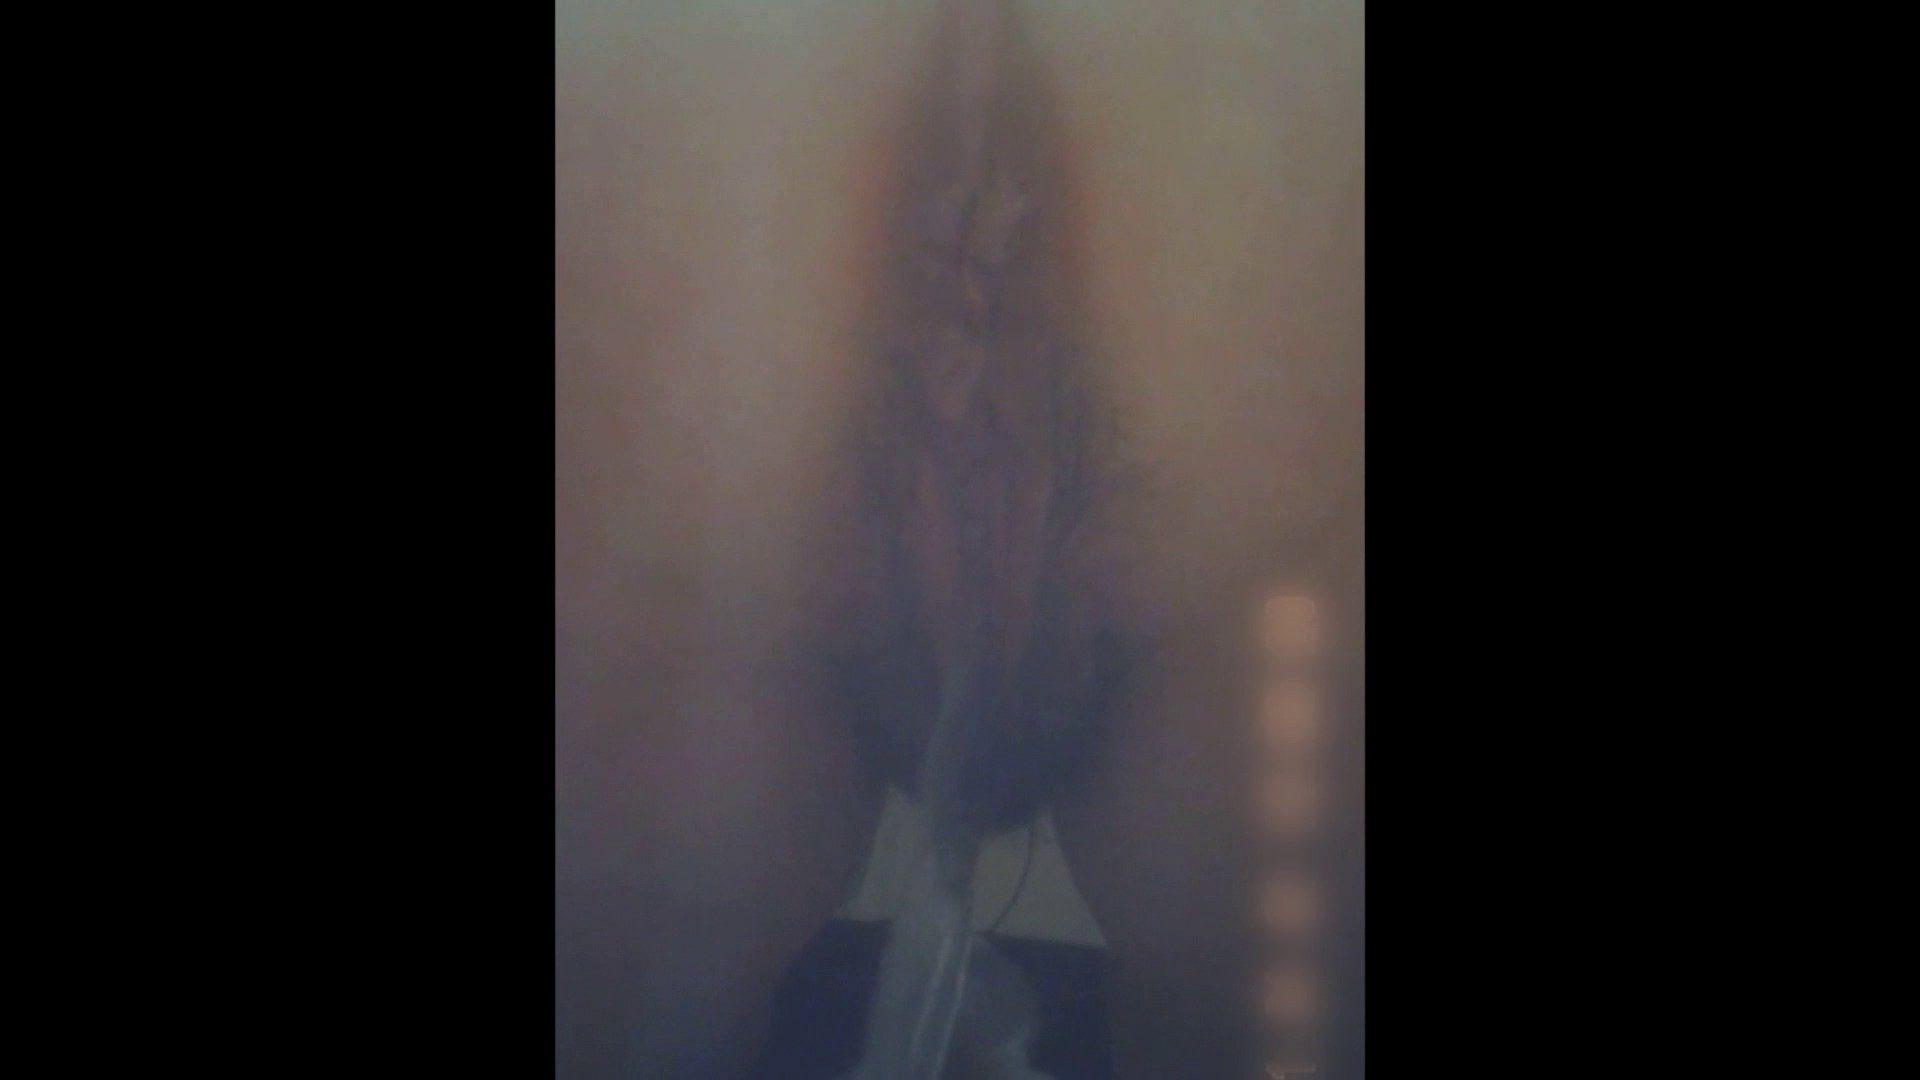 潜伏韓国トイレ北緯38度線!Vol.02 トイレ | OLすけべ画像  71連発 13